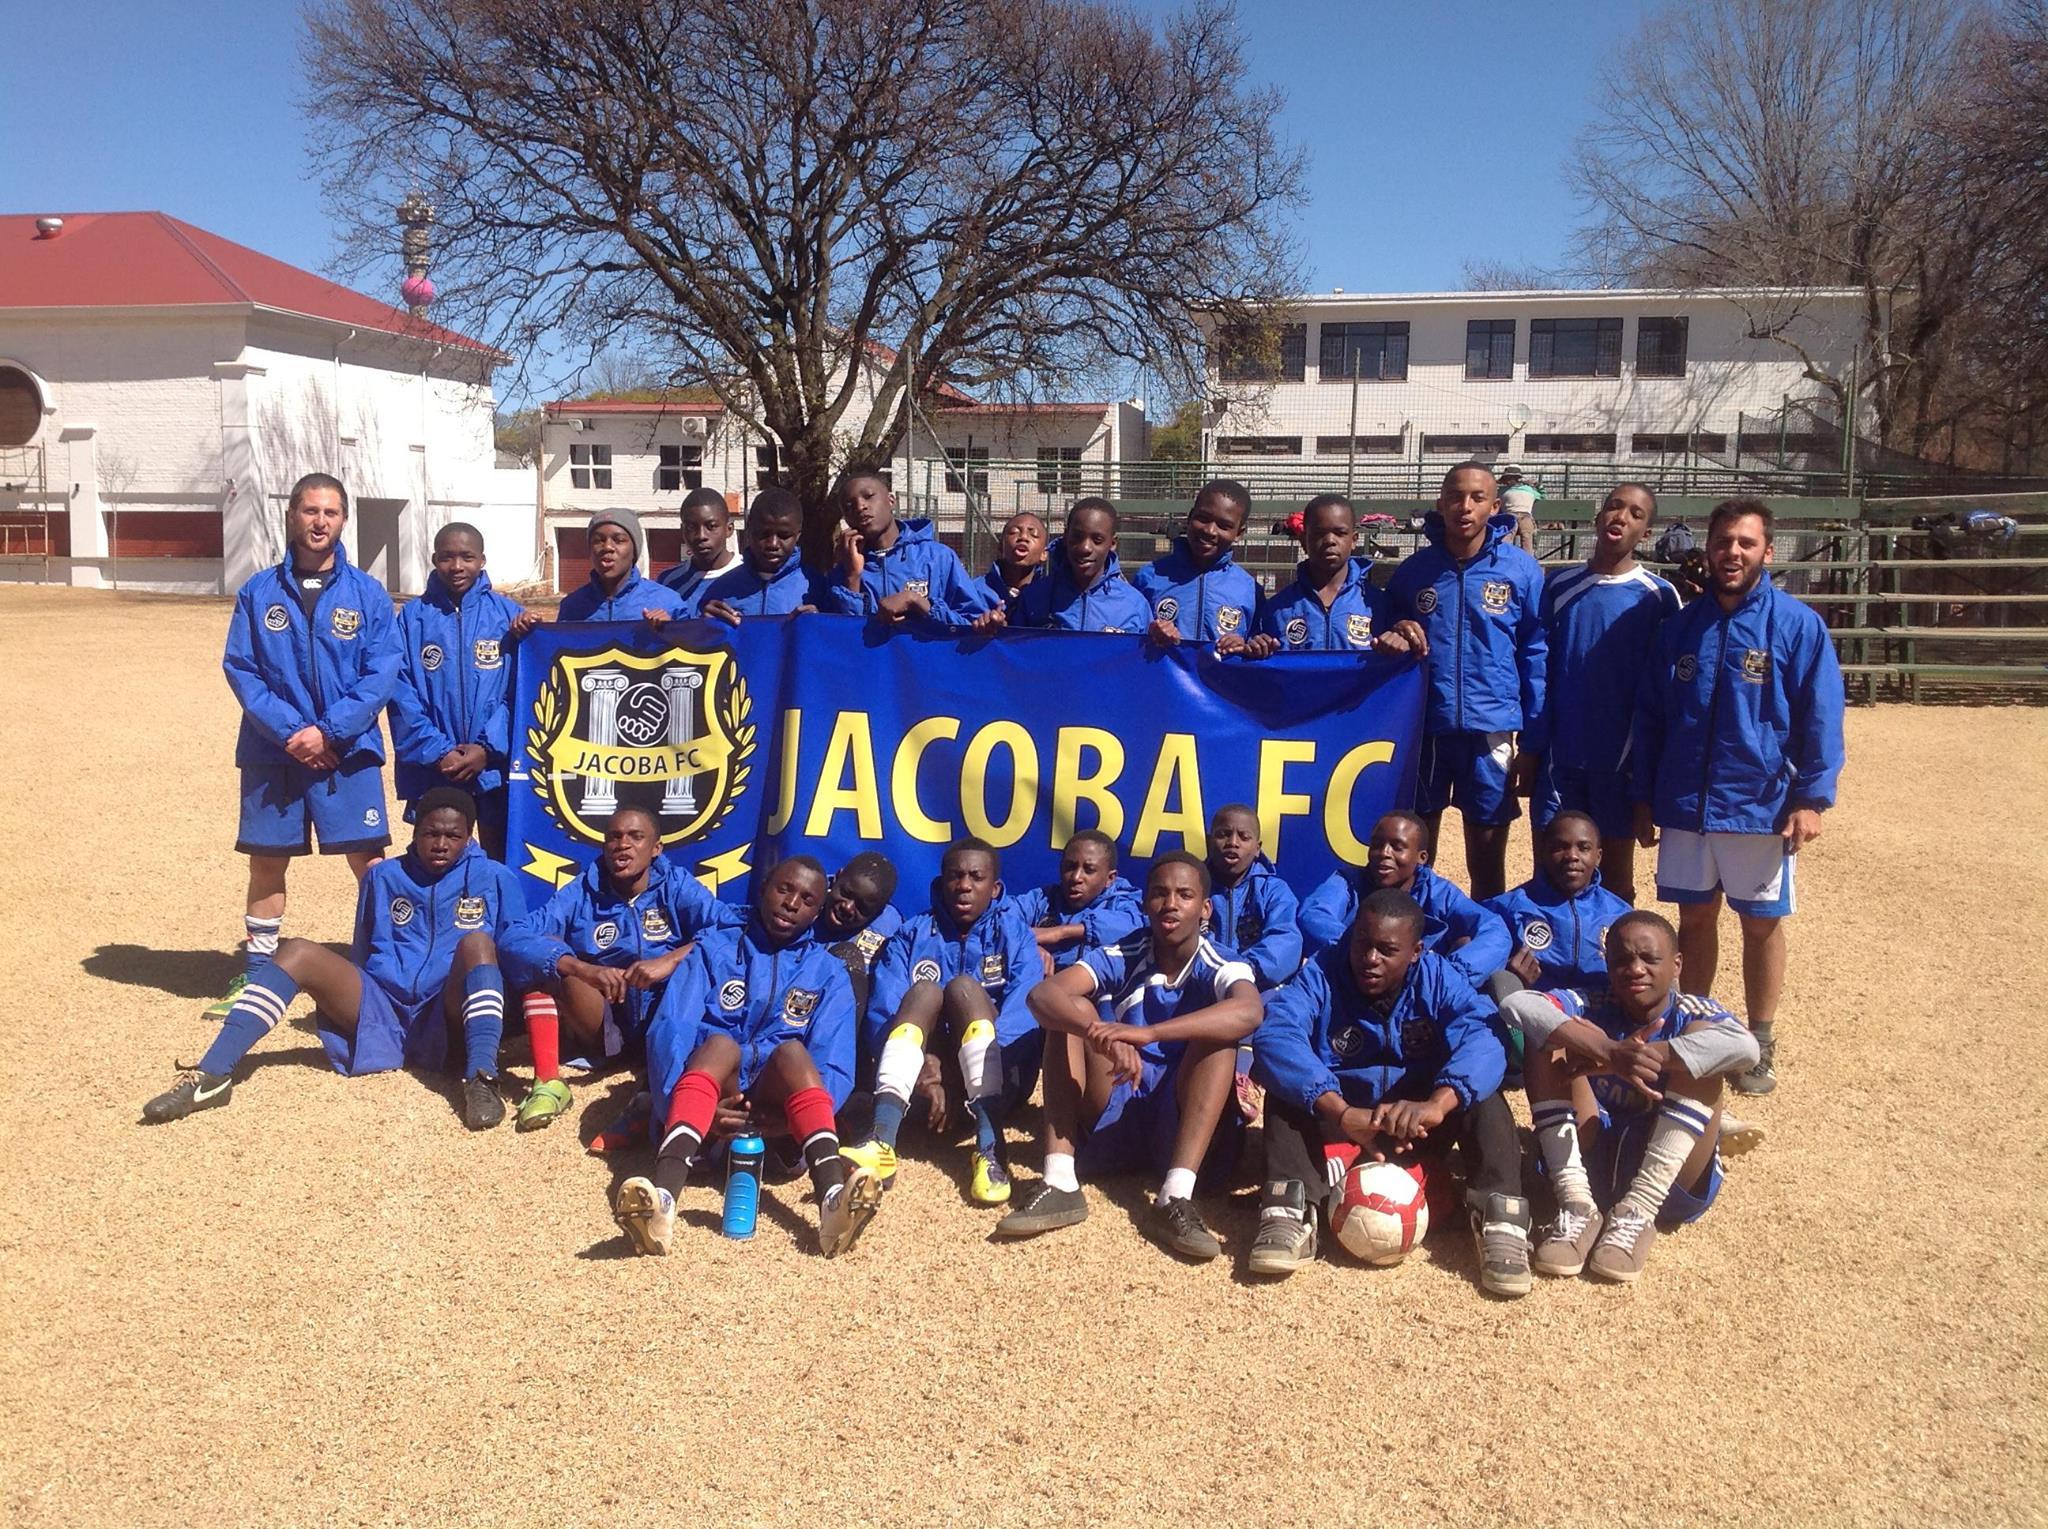 Jacoba Giving Back